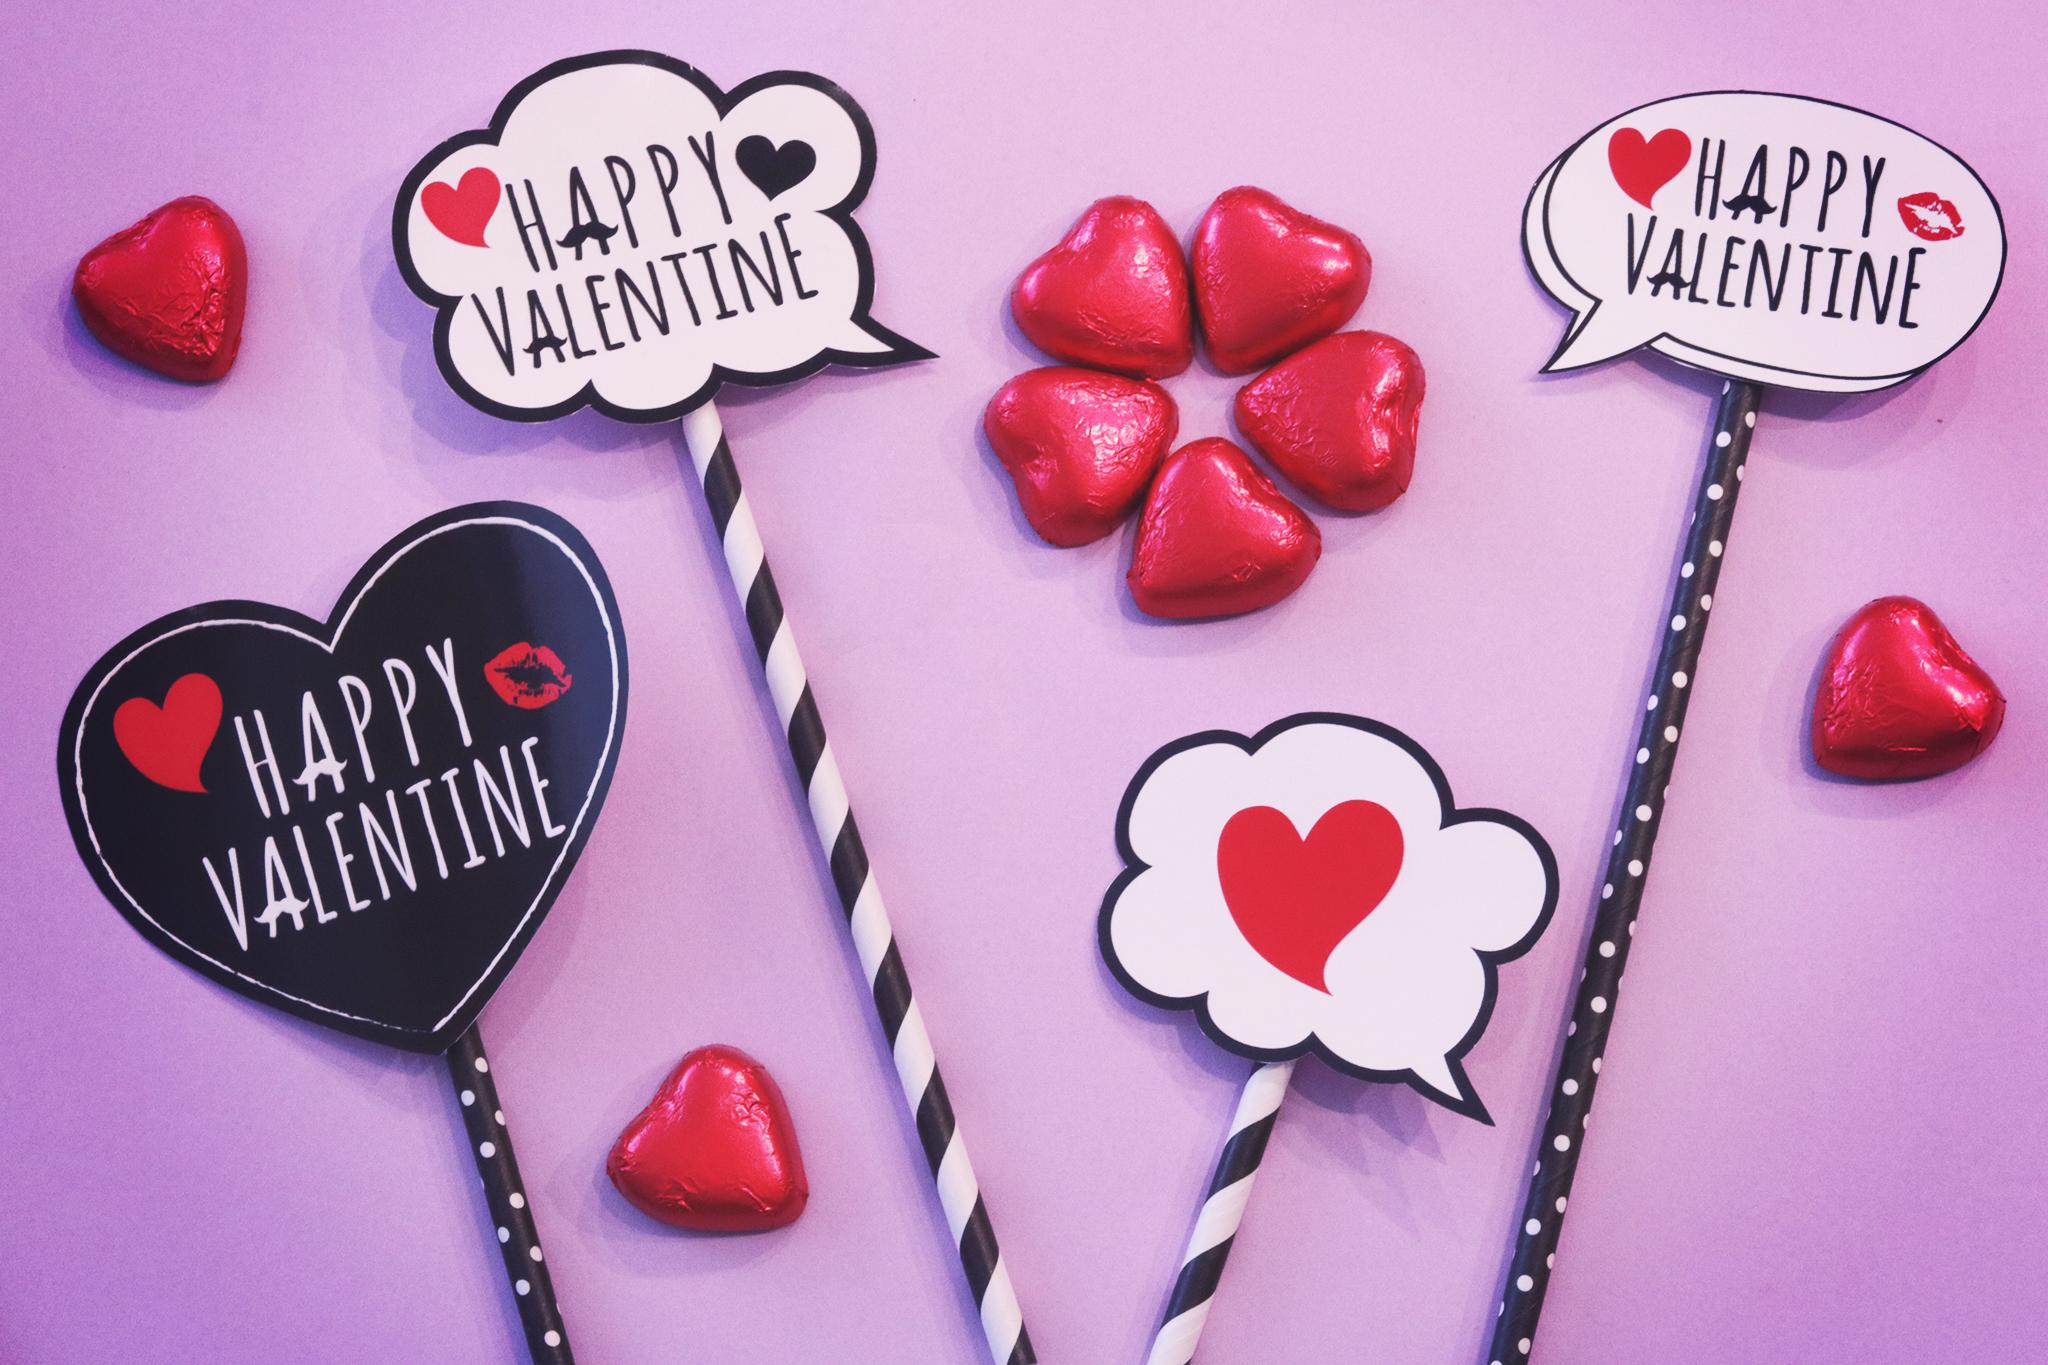 もの バレンタイン 意味 渡す